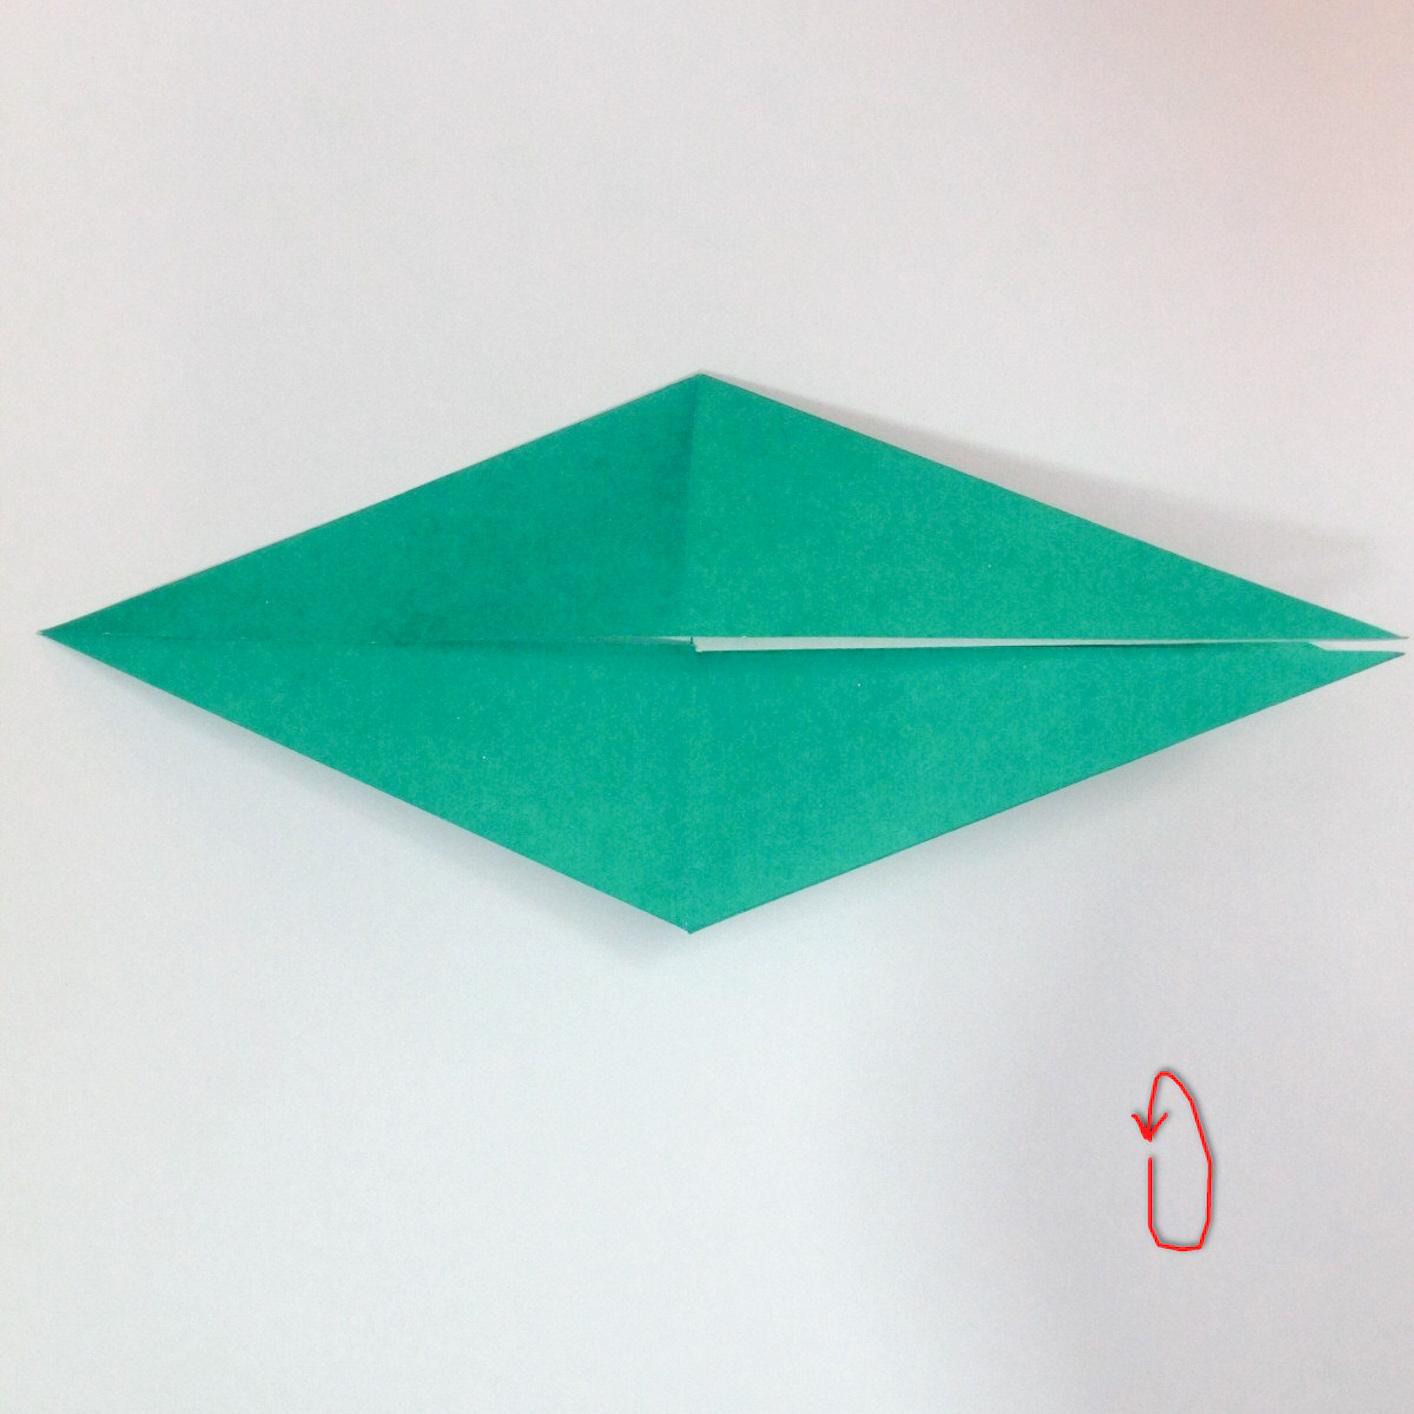 สอนวิธีการพับกระดาษเป็นรูปปลาฉลาม (Origami Shark) 019